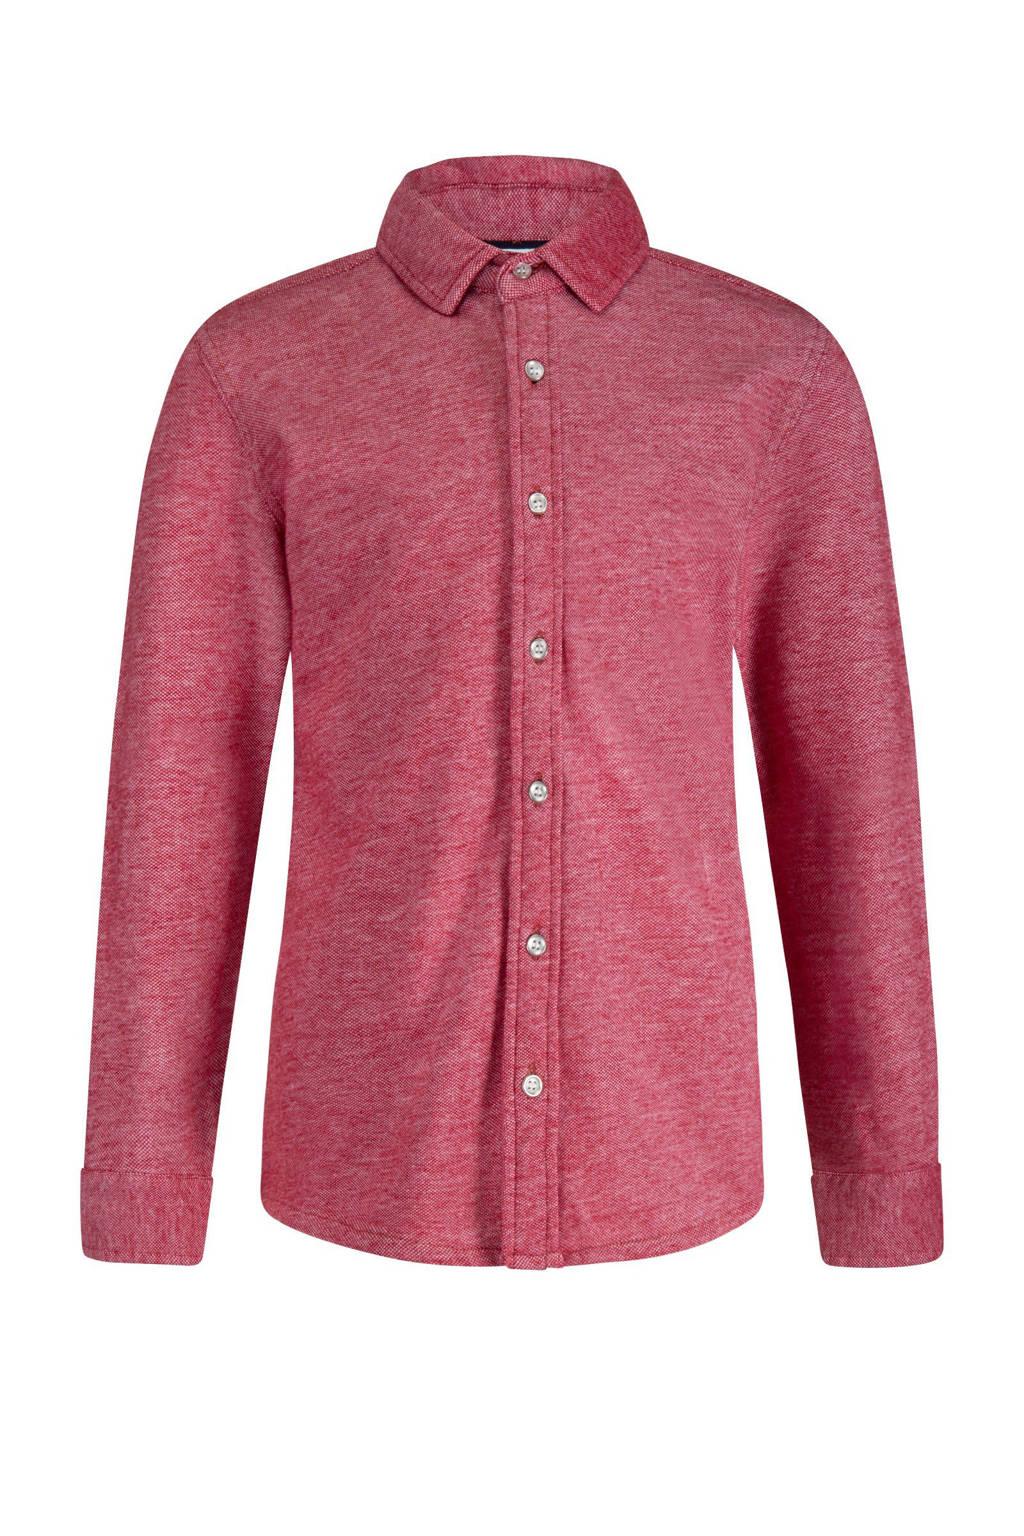 CKS KIDS overhemd Yoricks rood, Rood